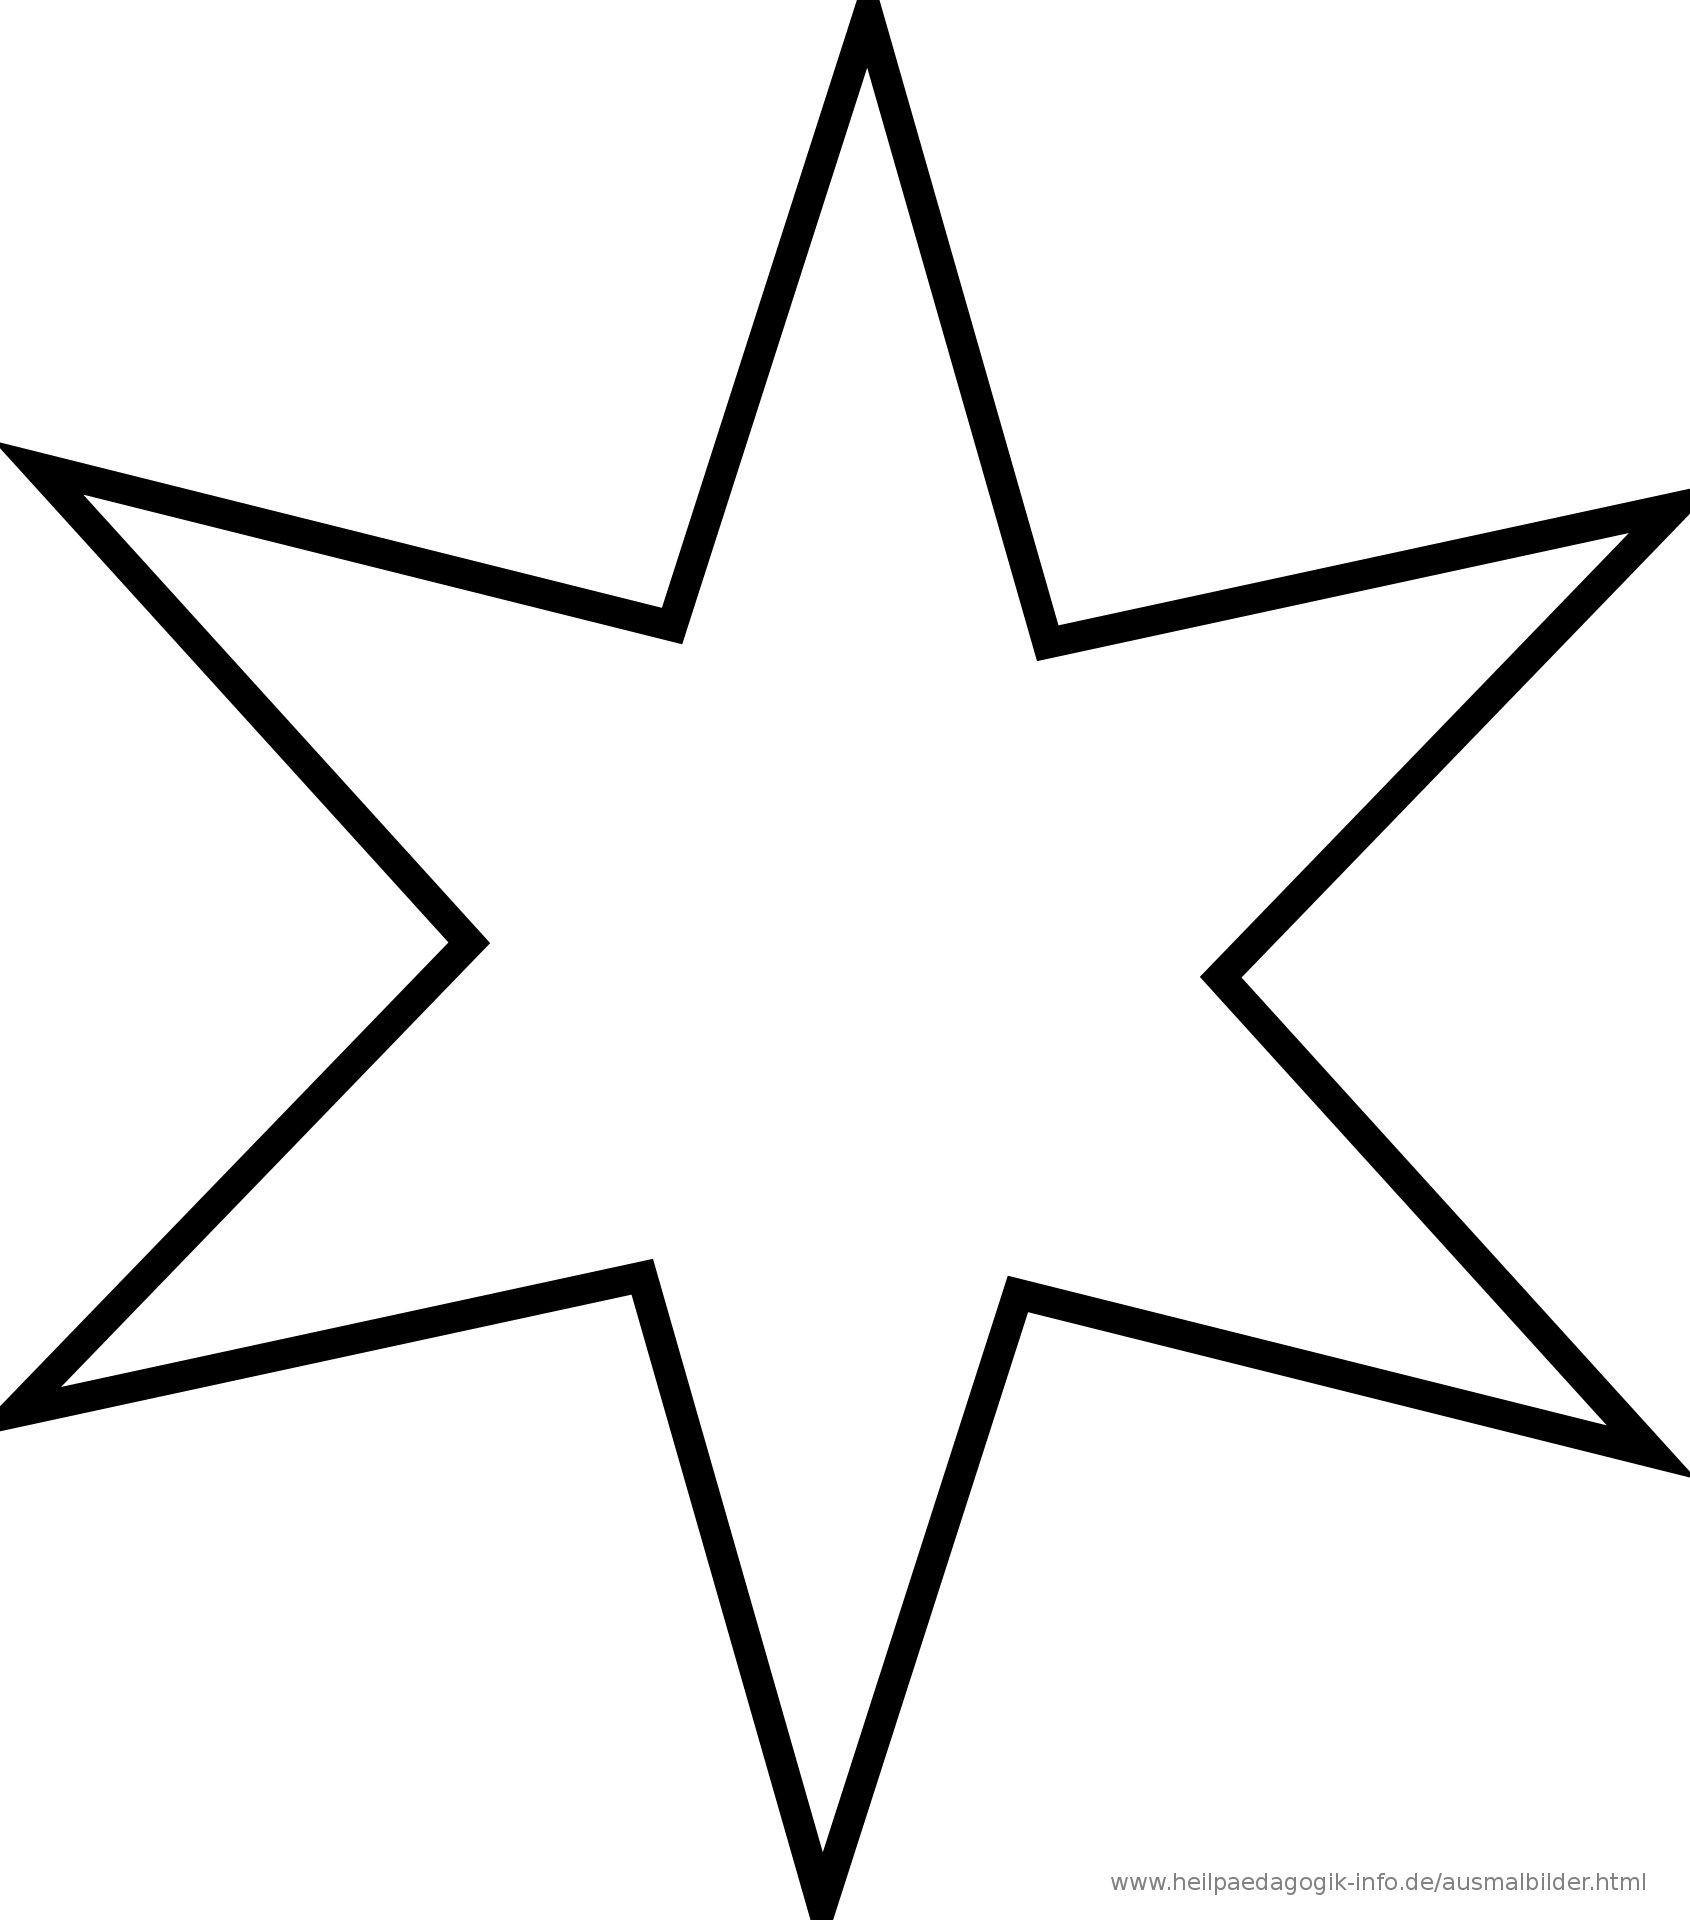 Pin Von Sarah Auf Malvorlagen Sterne Zum Ausdrucken Vorlage Stern Malvorlage Stern